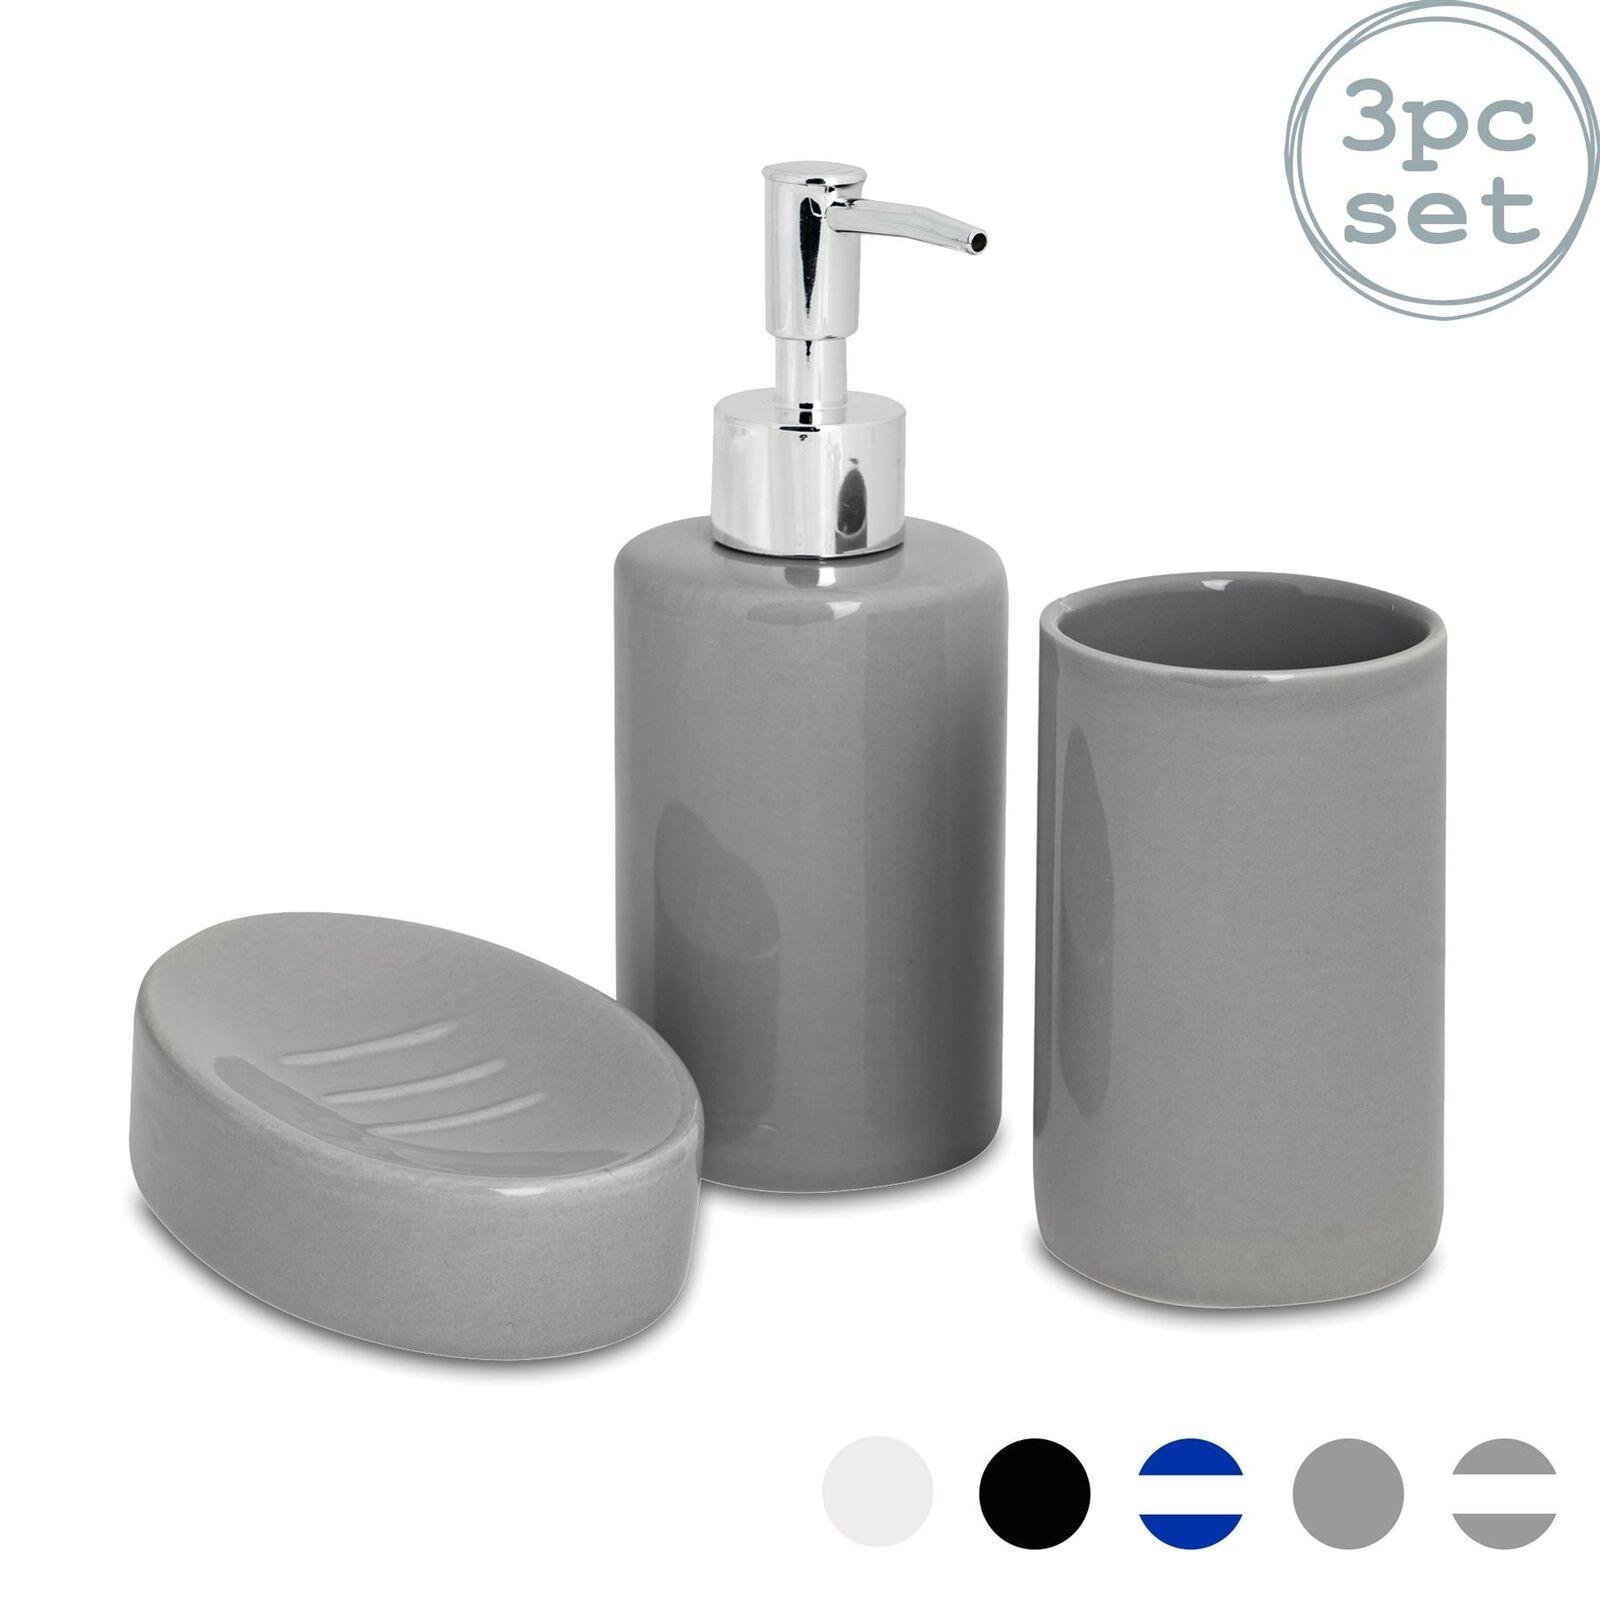 Bathroom Accessory Set, 3 pcs - Soap Dispenser, Dish & Tumbler - Grey